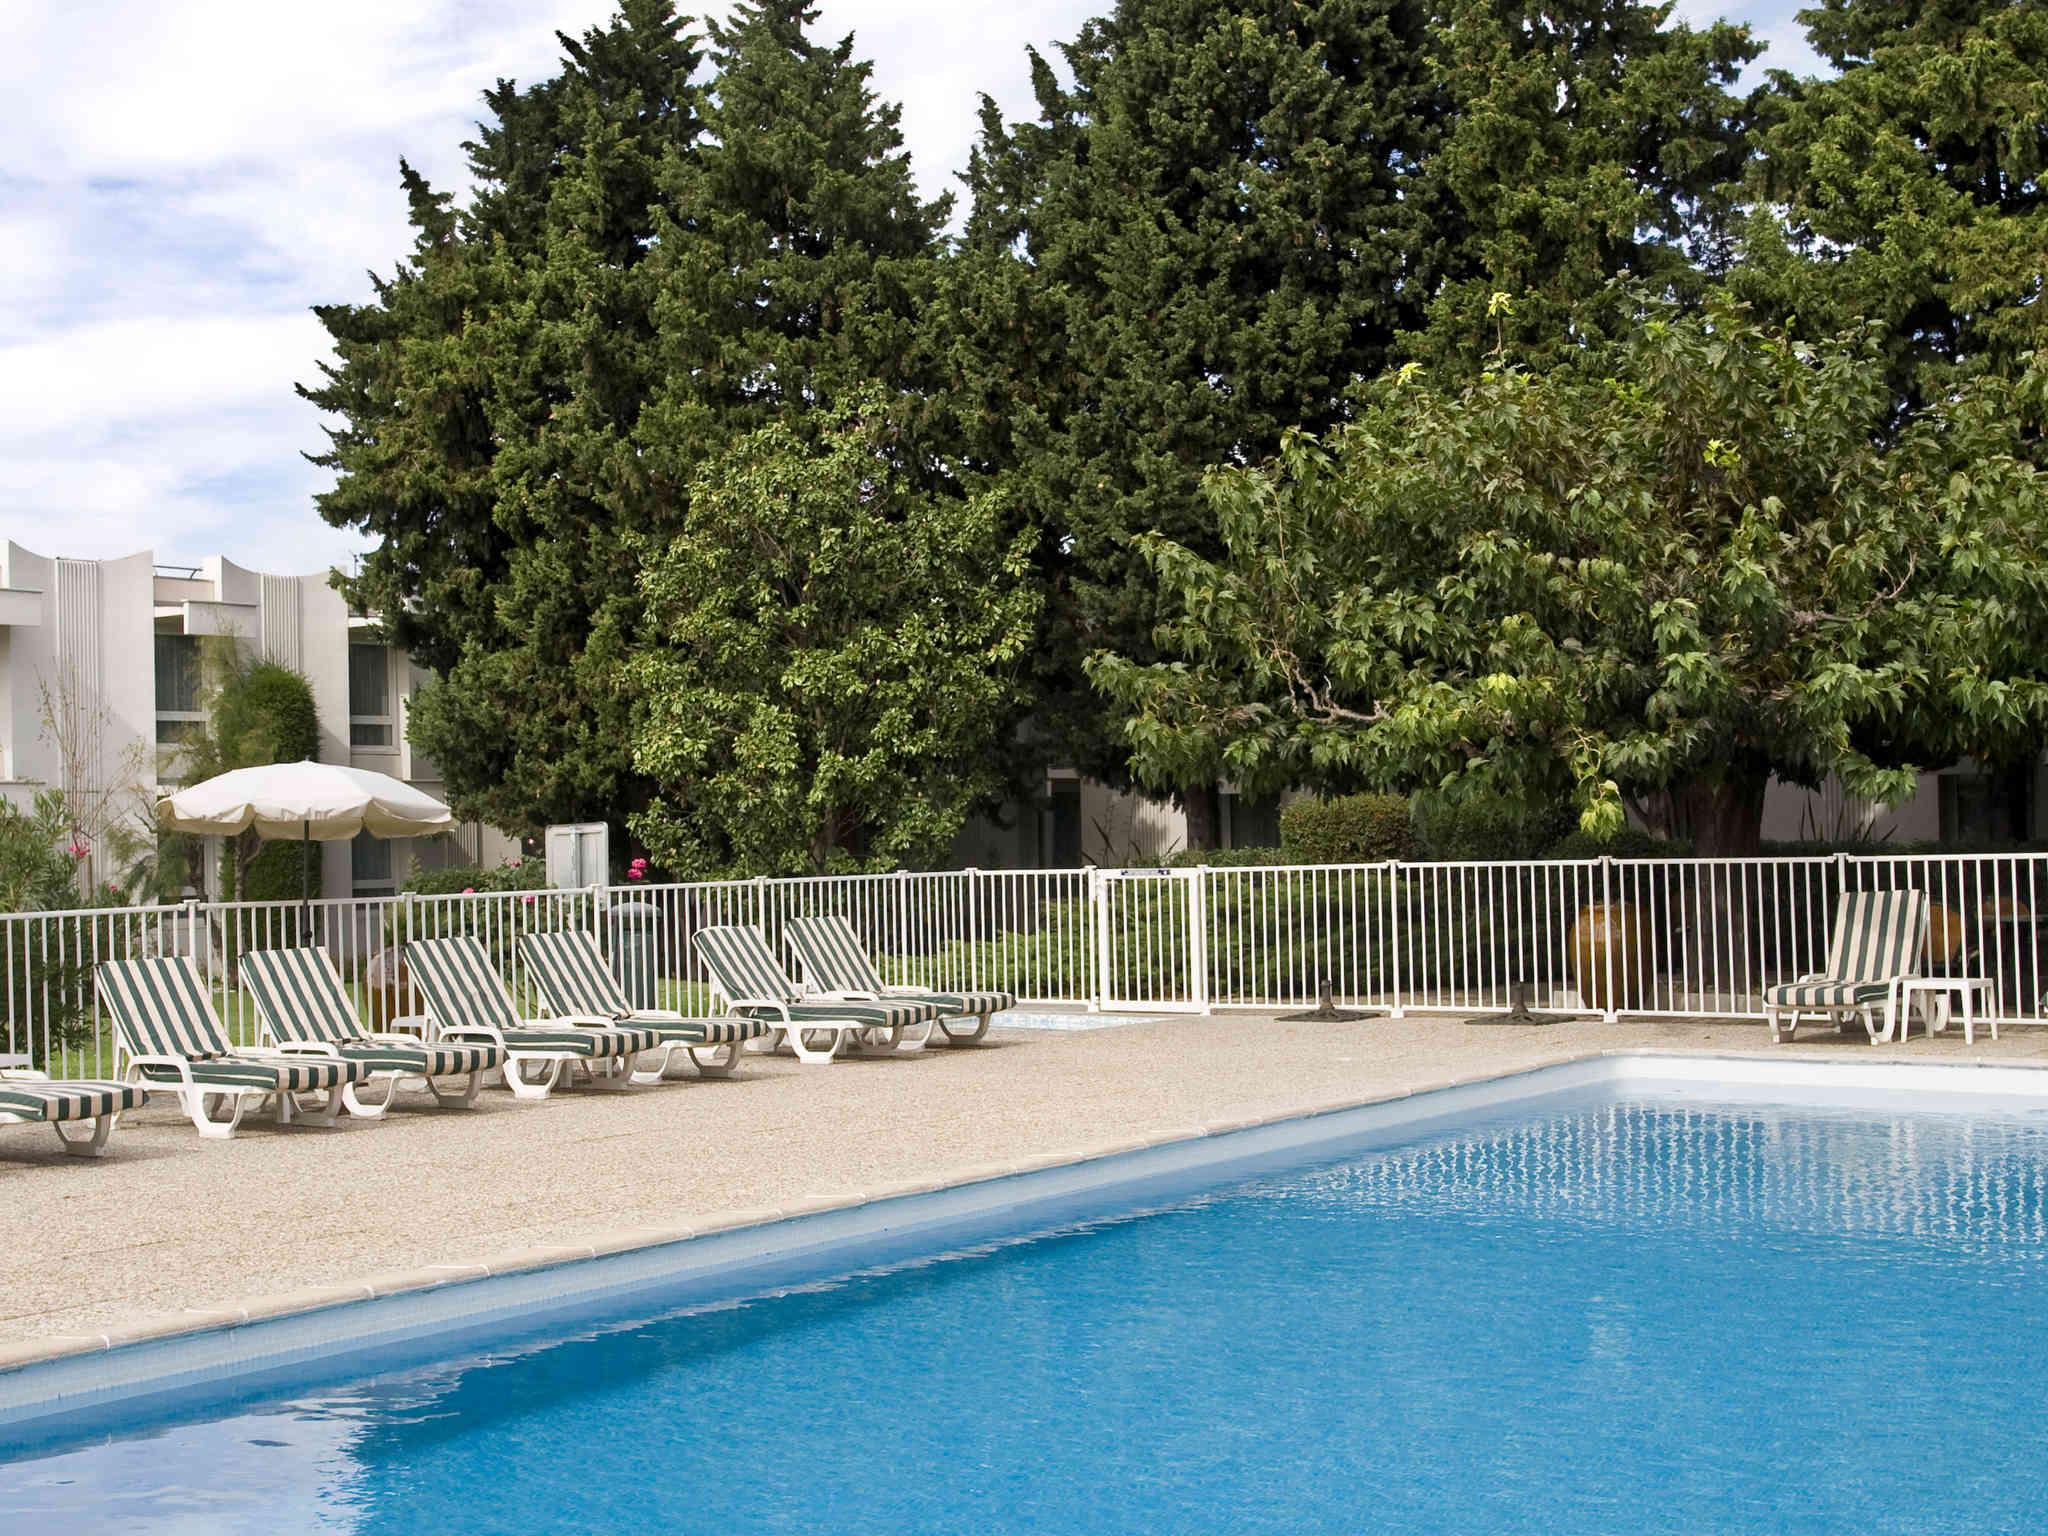 酒店 – 宜必思尚品阿维尼翁南部酒店